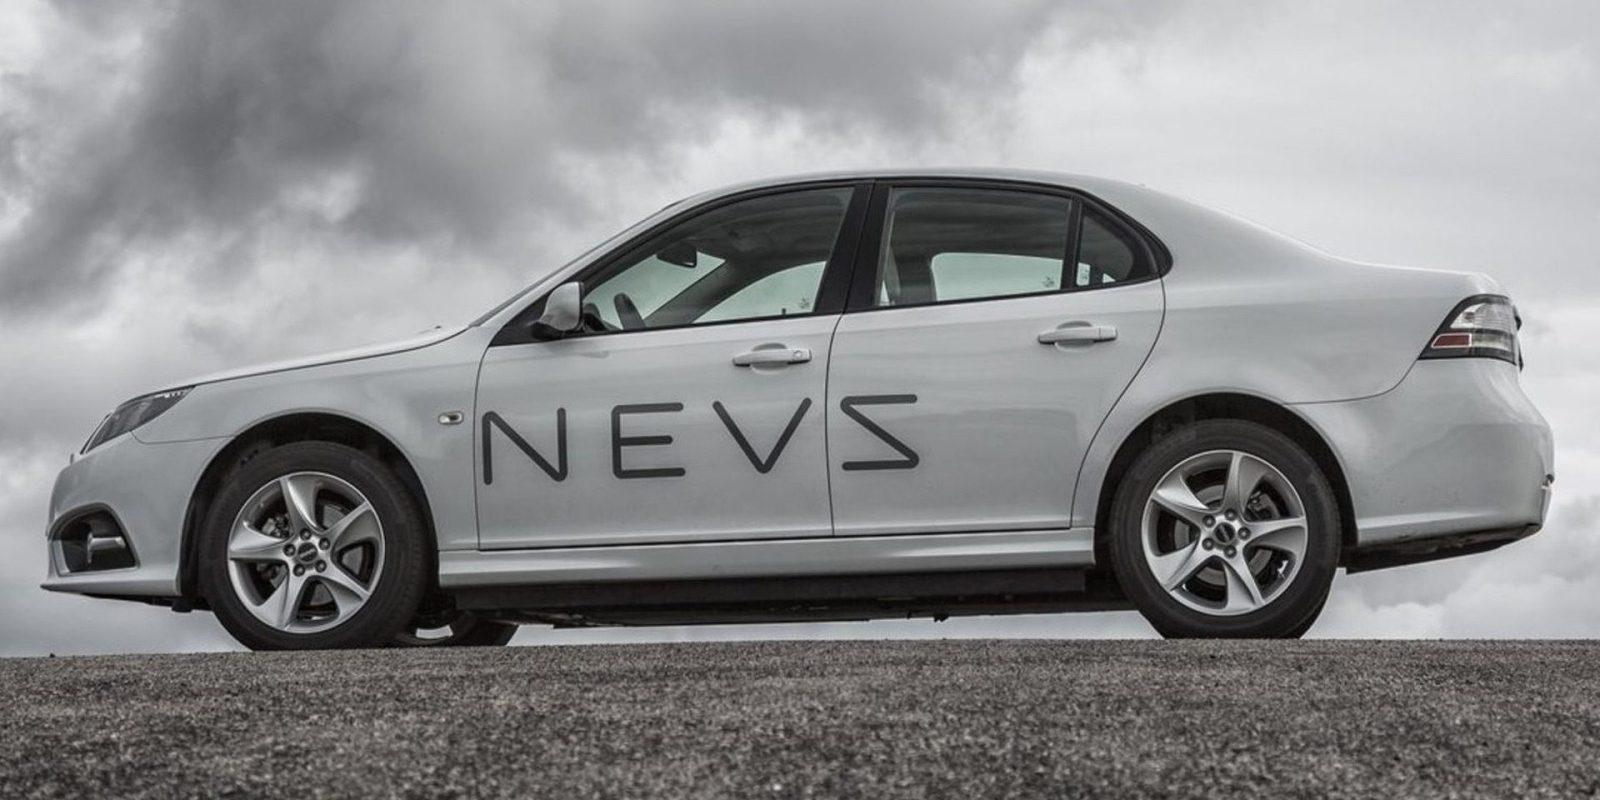 Jon Olsson S Audi Rs 6 Dtm Project Progresses With New Carbon Fiber Pieces Fourtitude Com